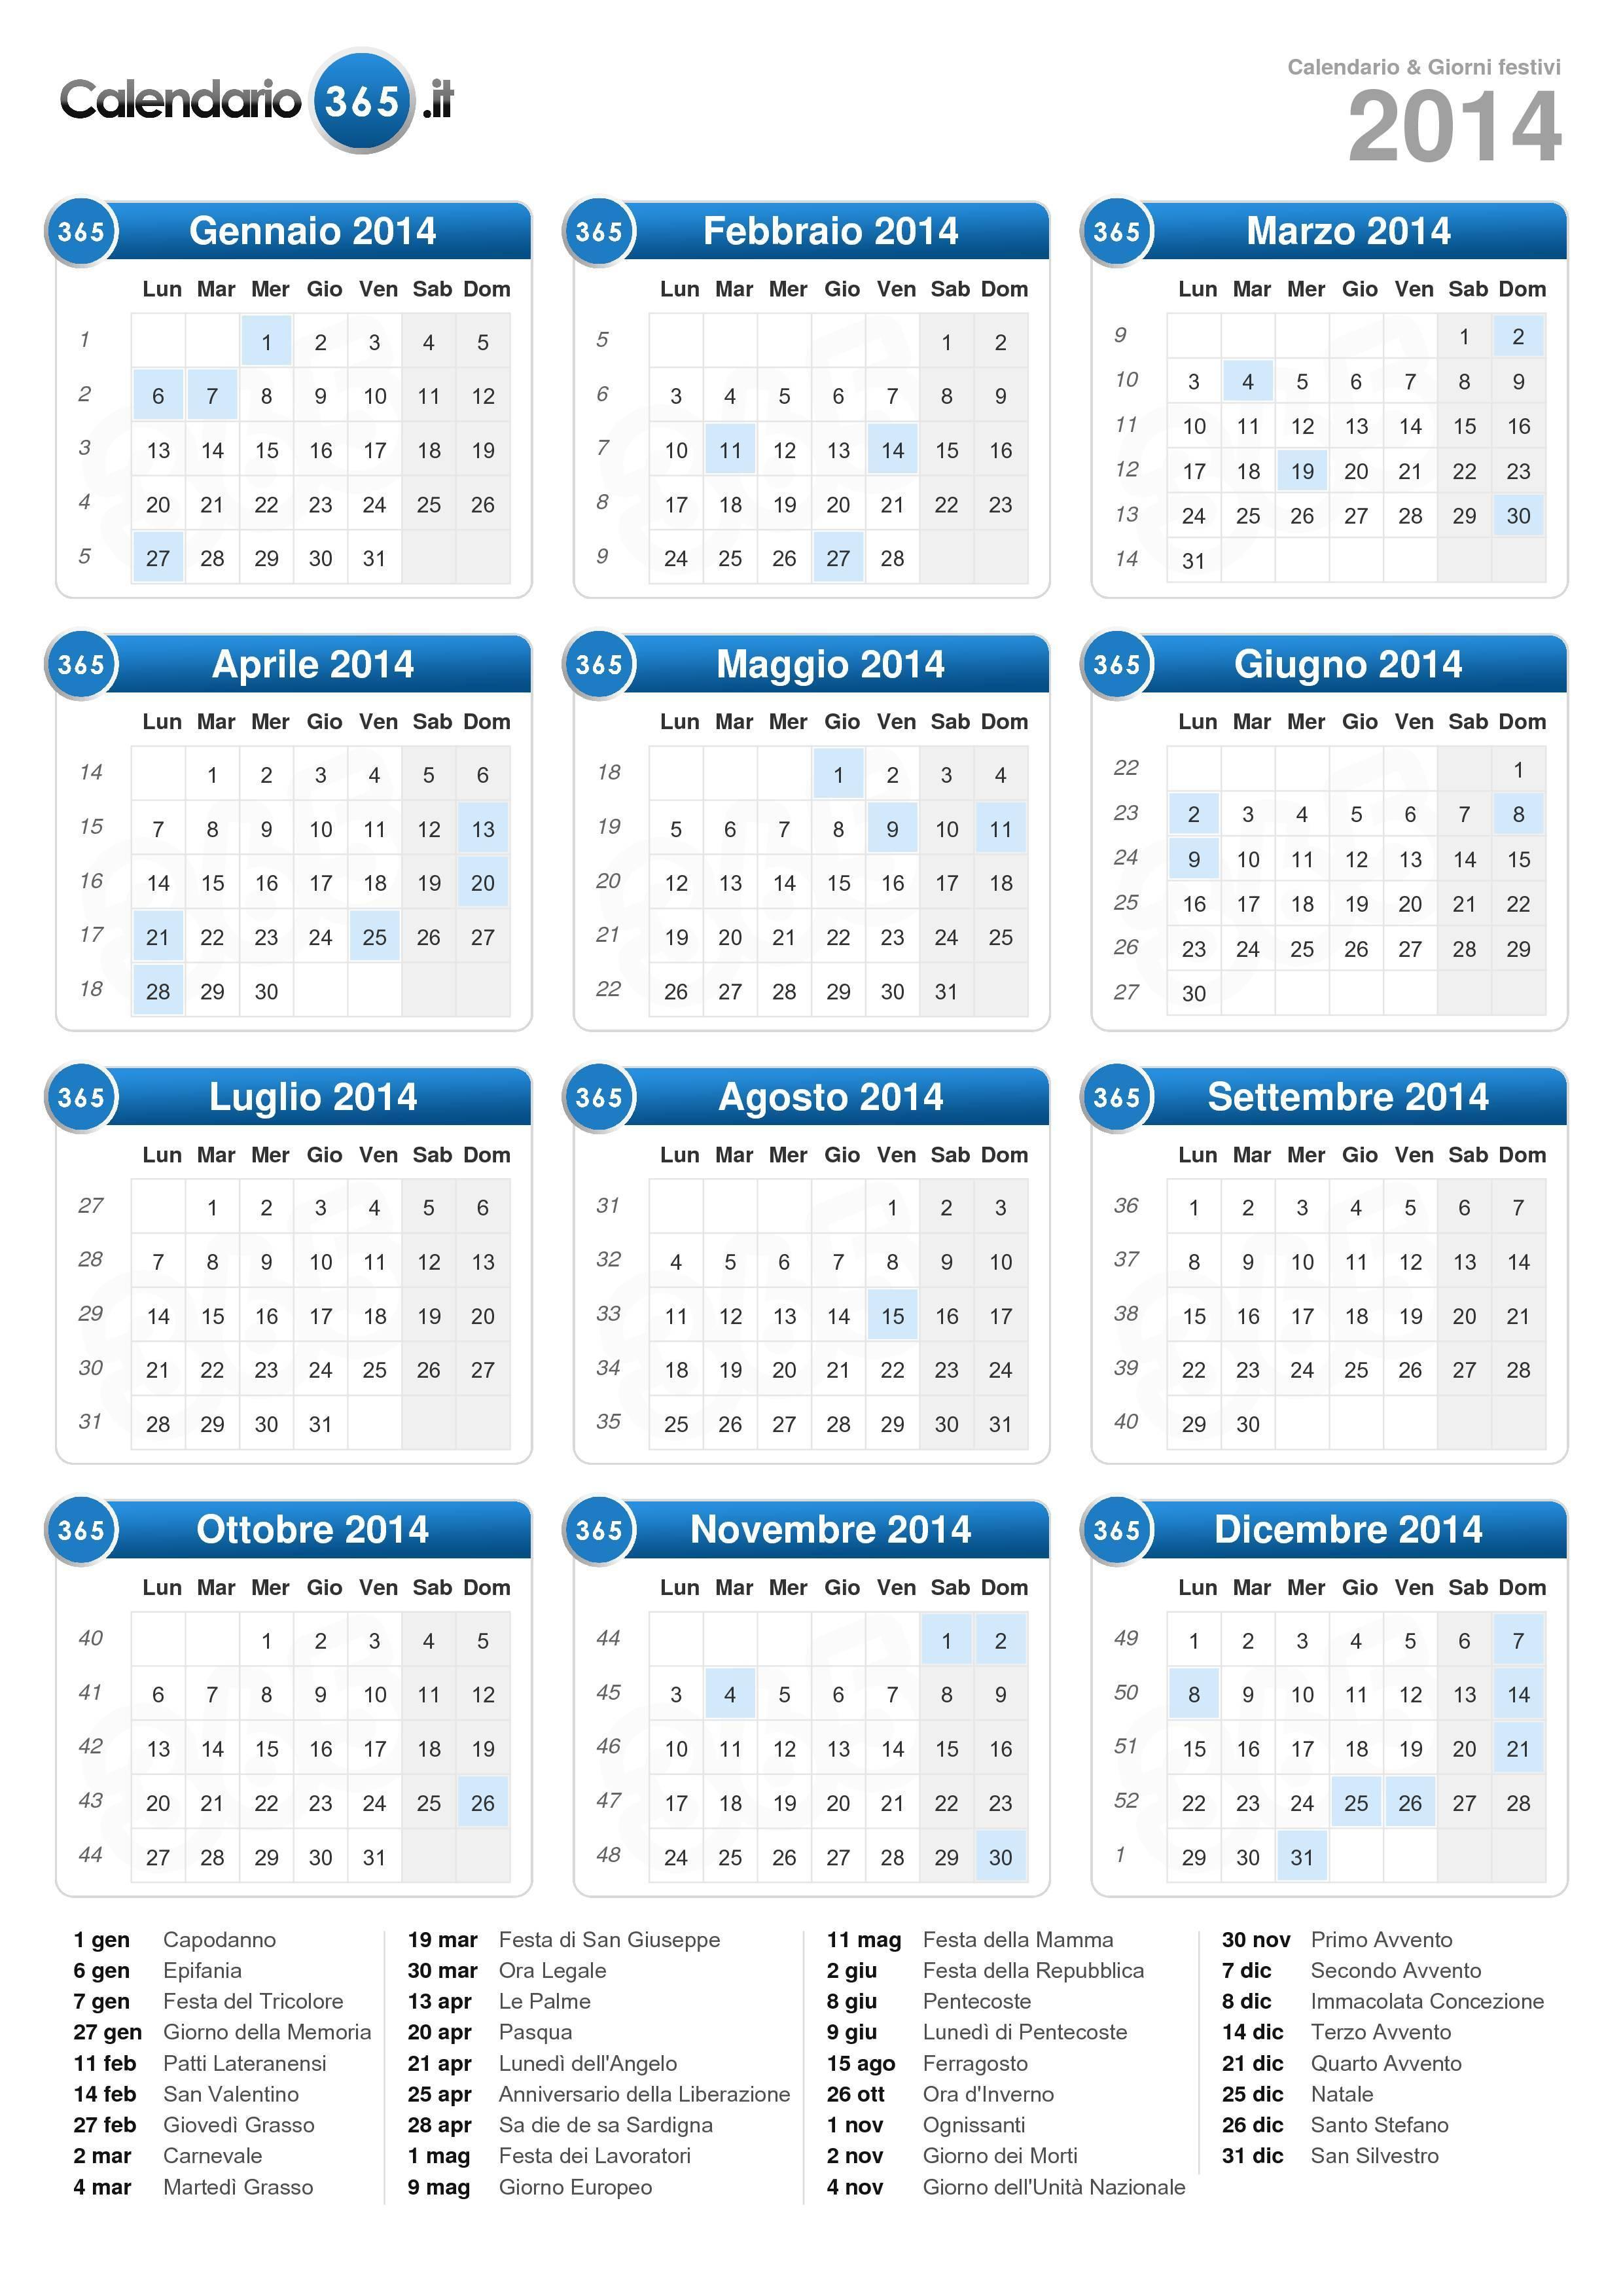 Calendario Anno 2014.Calendario 2014